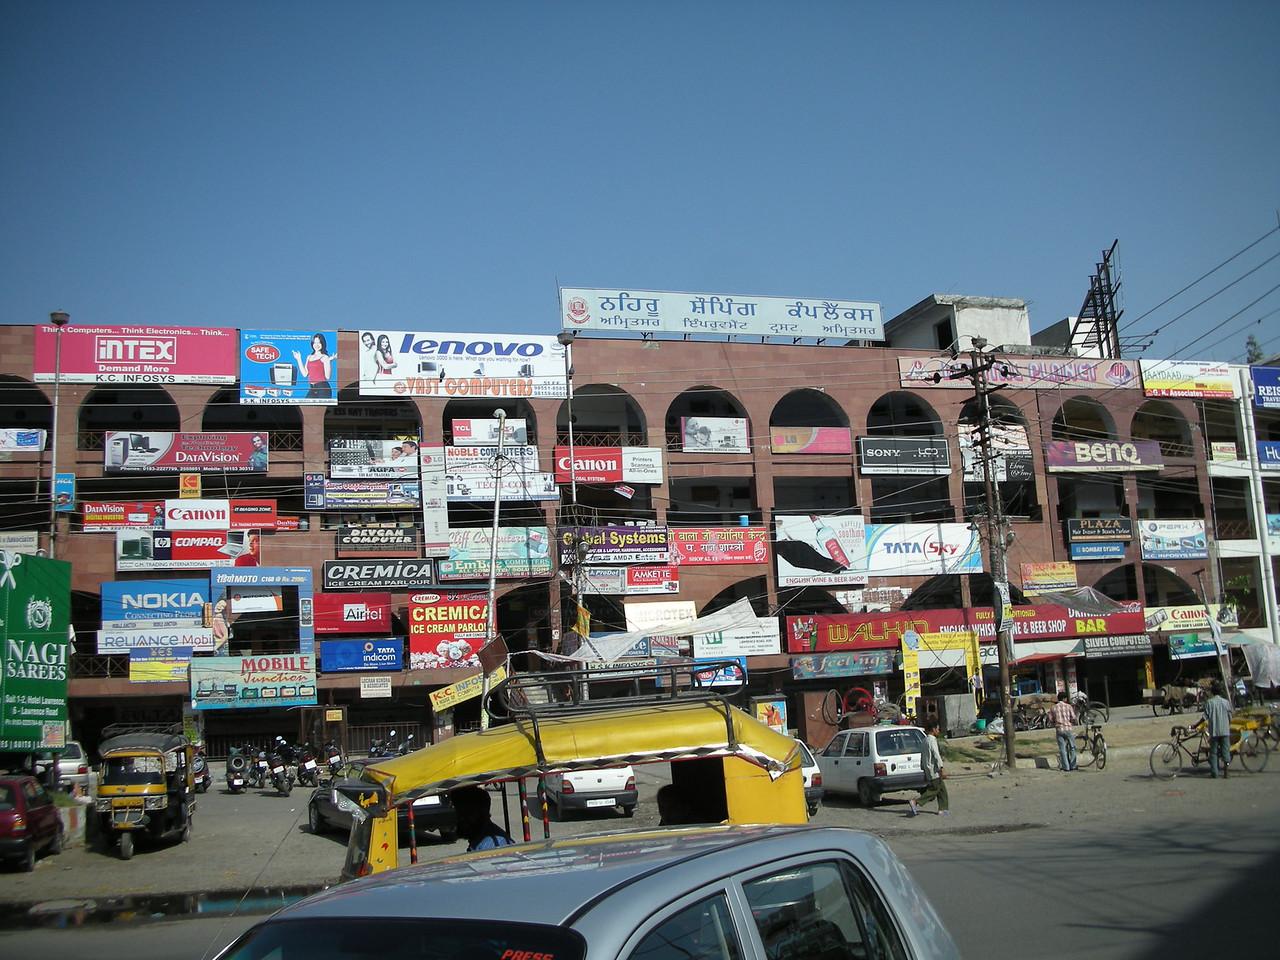 Amritsar: Mall